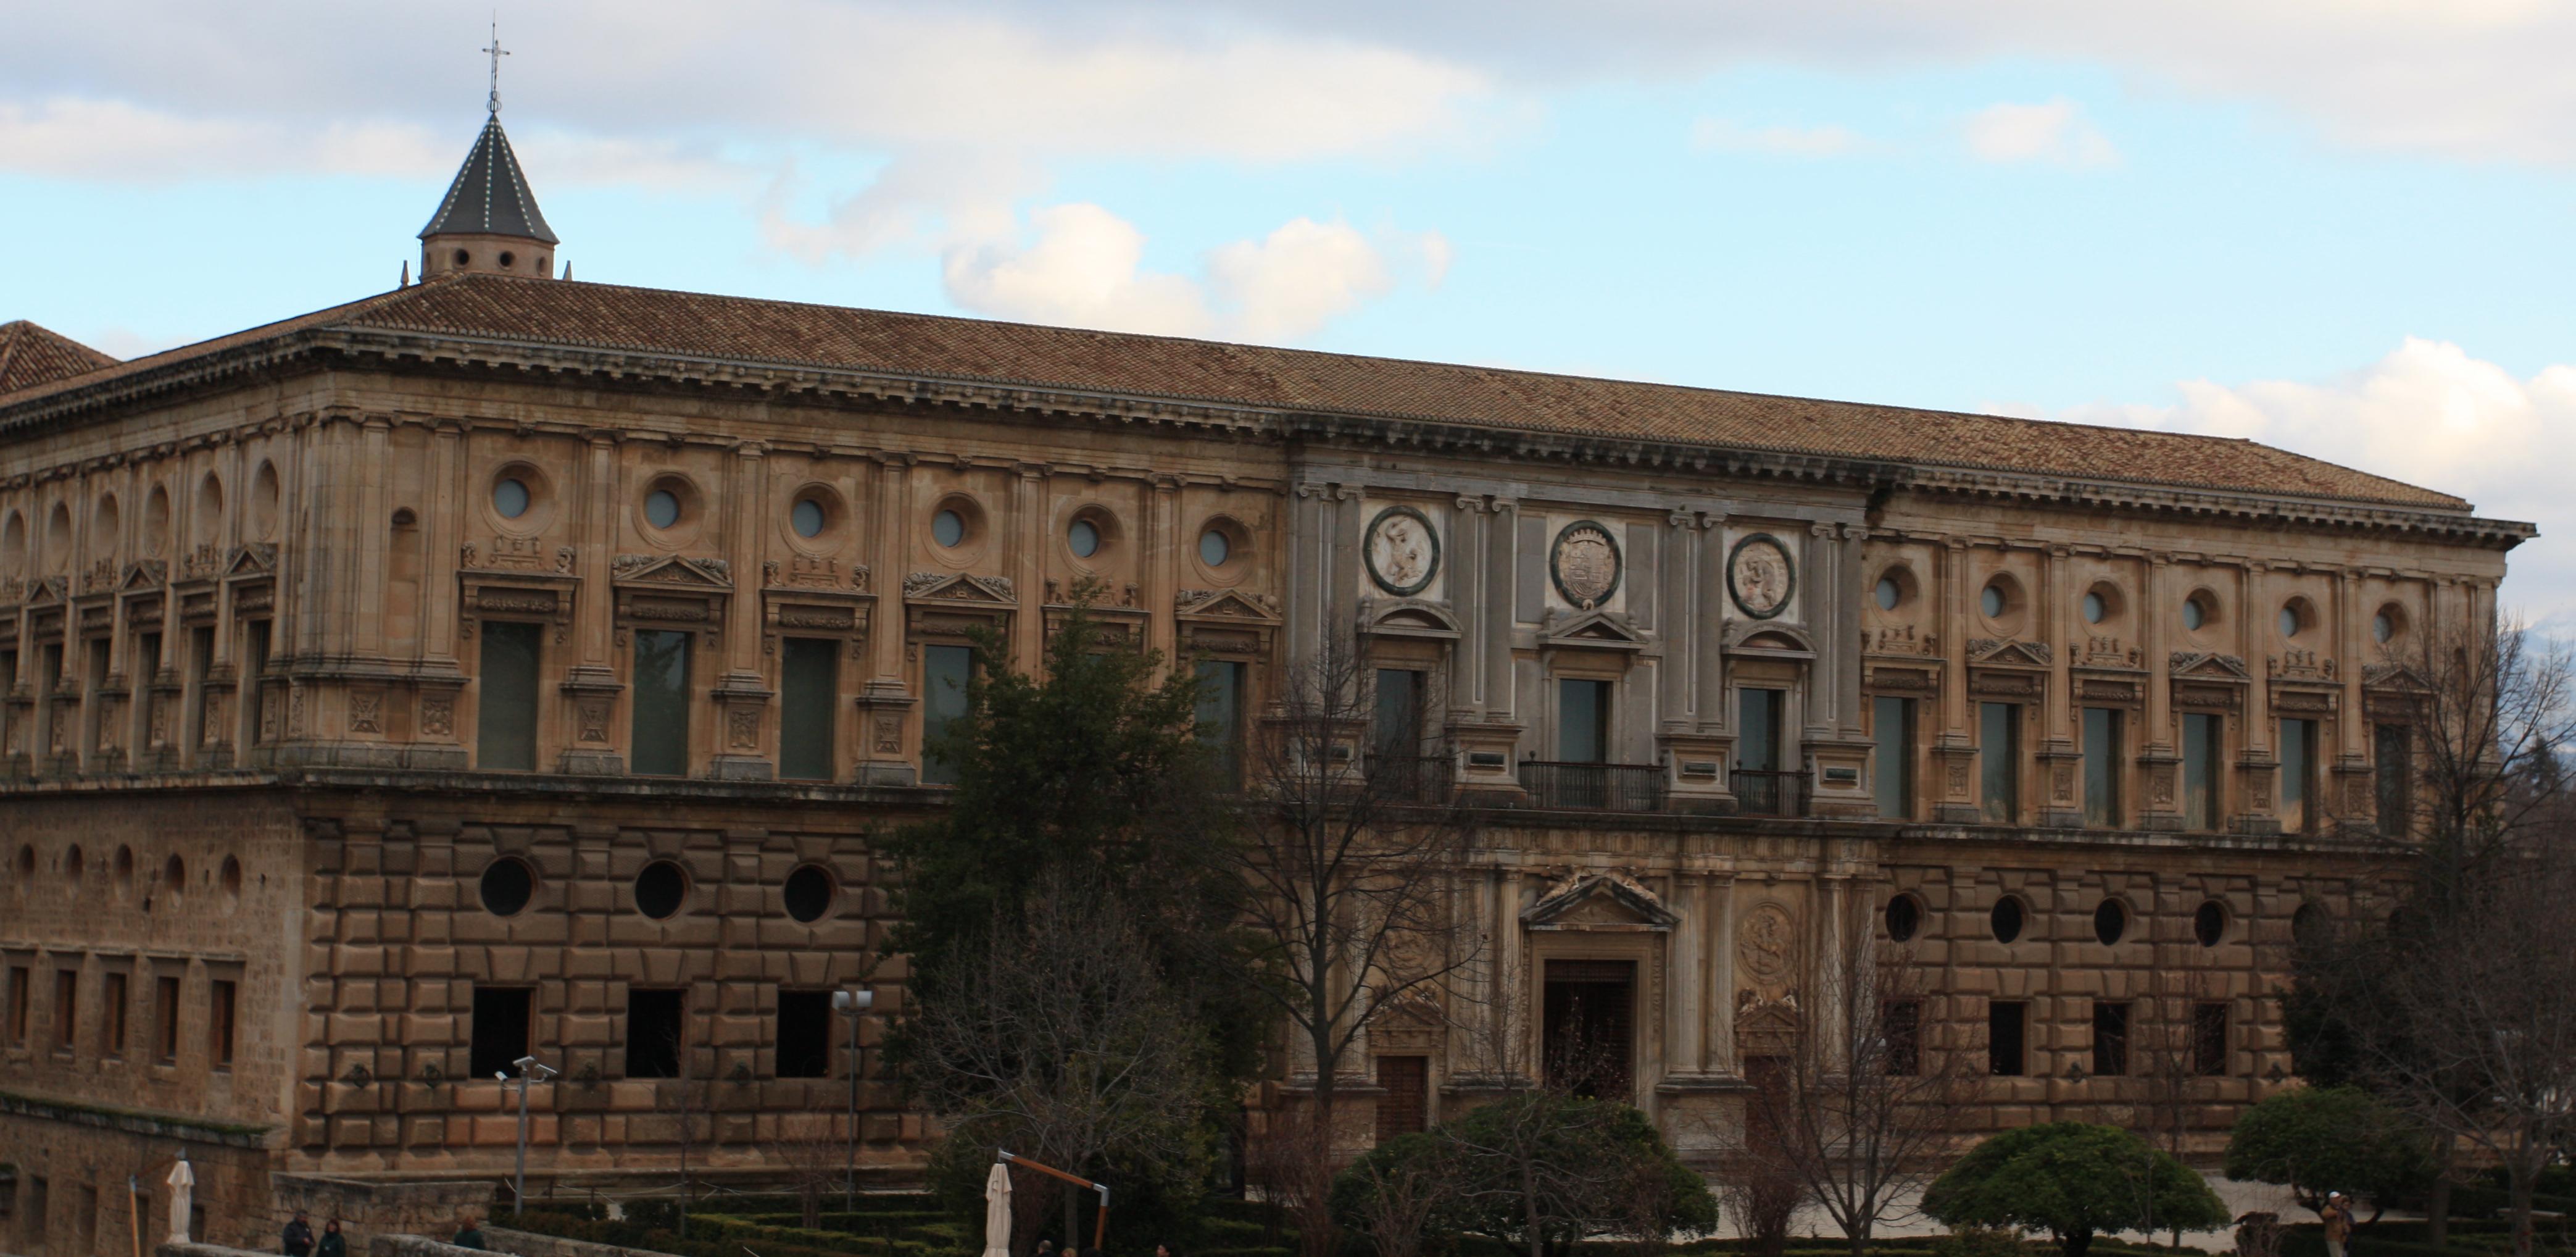 File:Palacio de Carlos V Exterior Cropped.JPG - Wikipedia